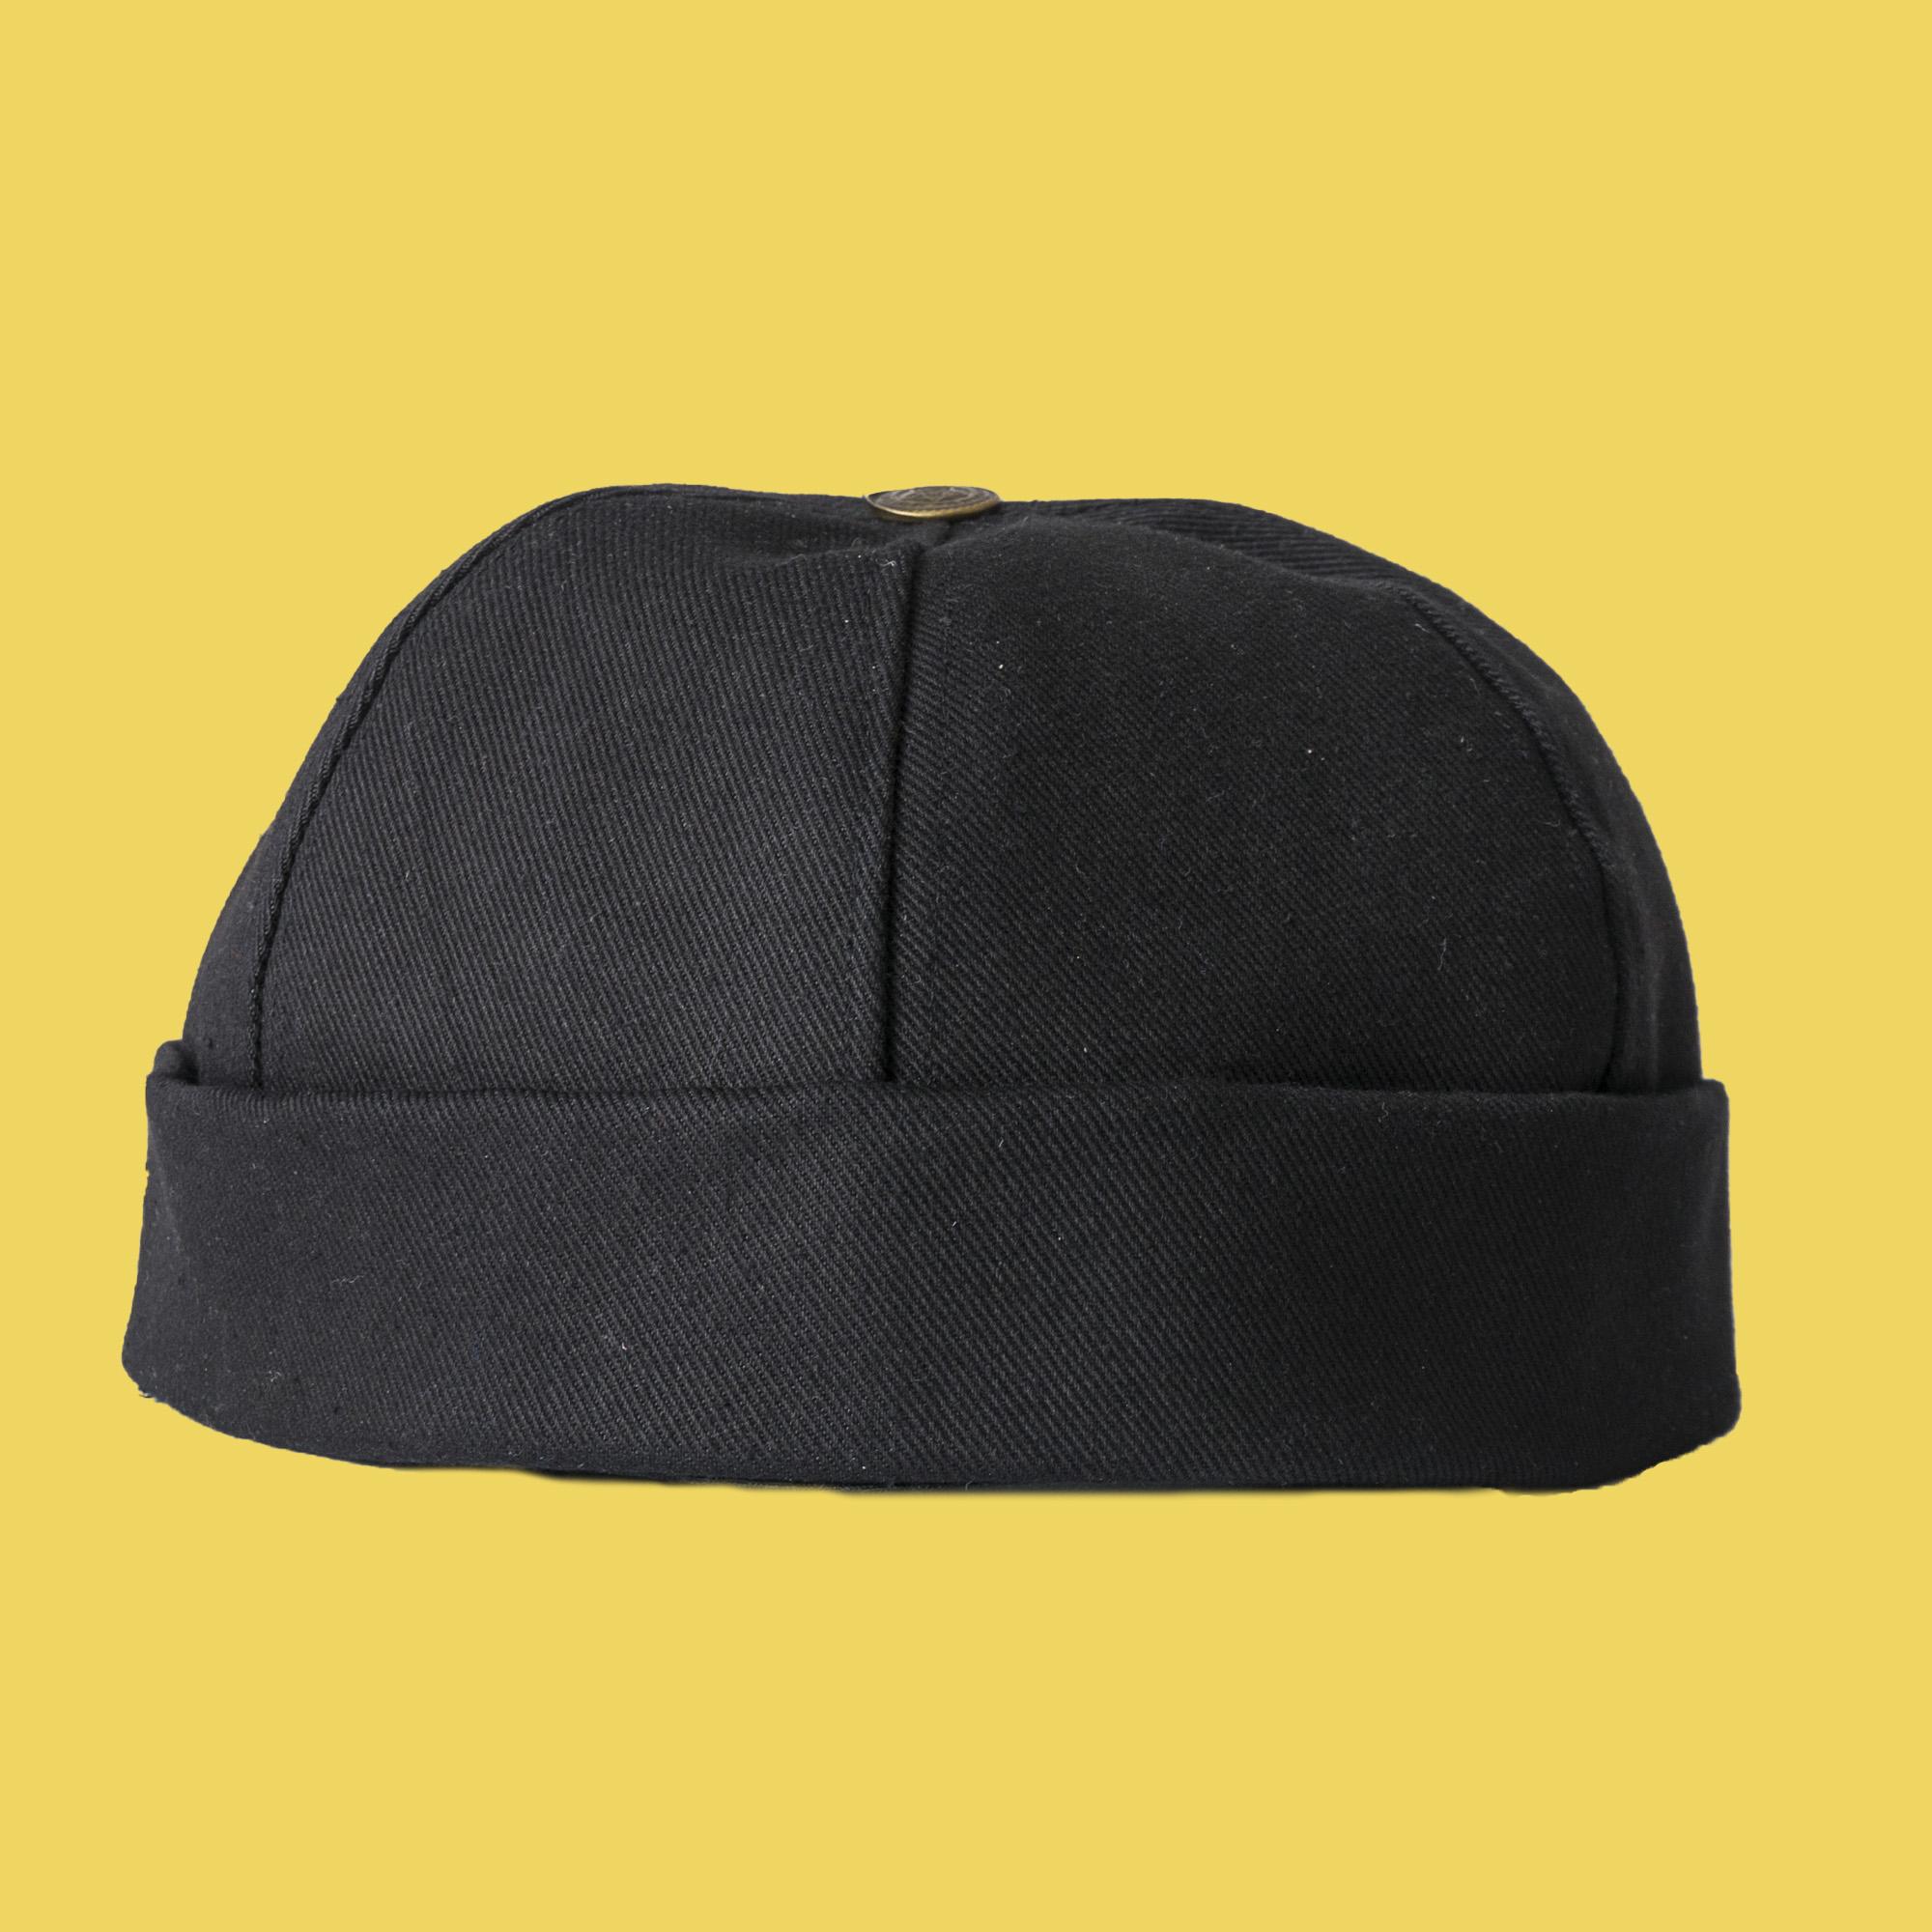 کلاه لئونی مدل leobla